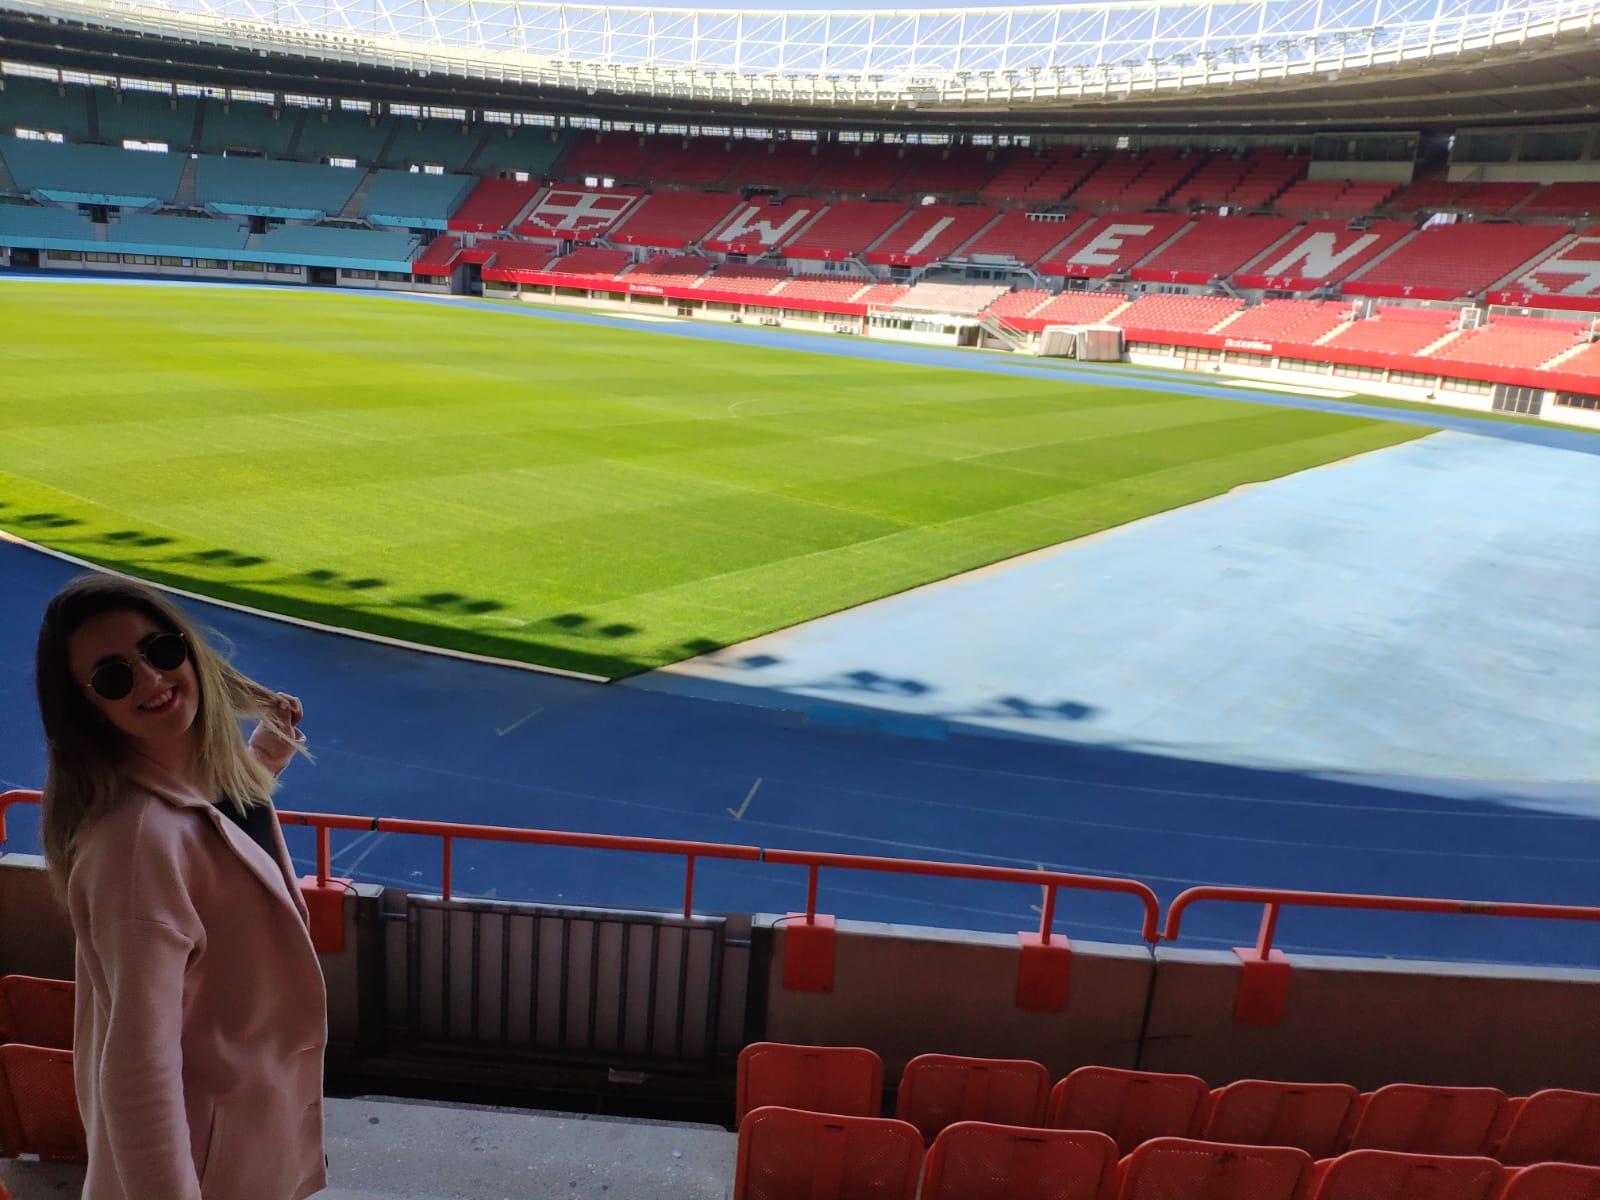 Descubriendo estadios de fútbol – Tania Martín